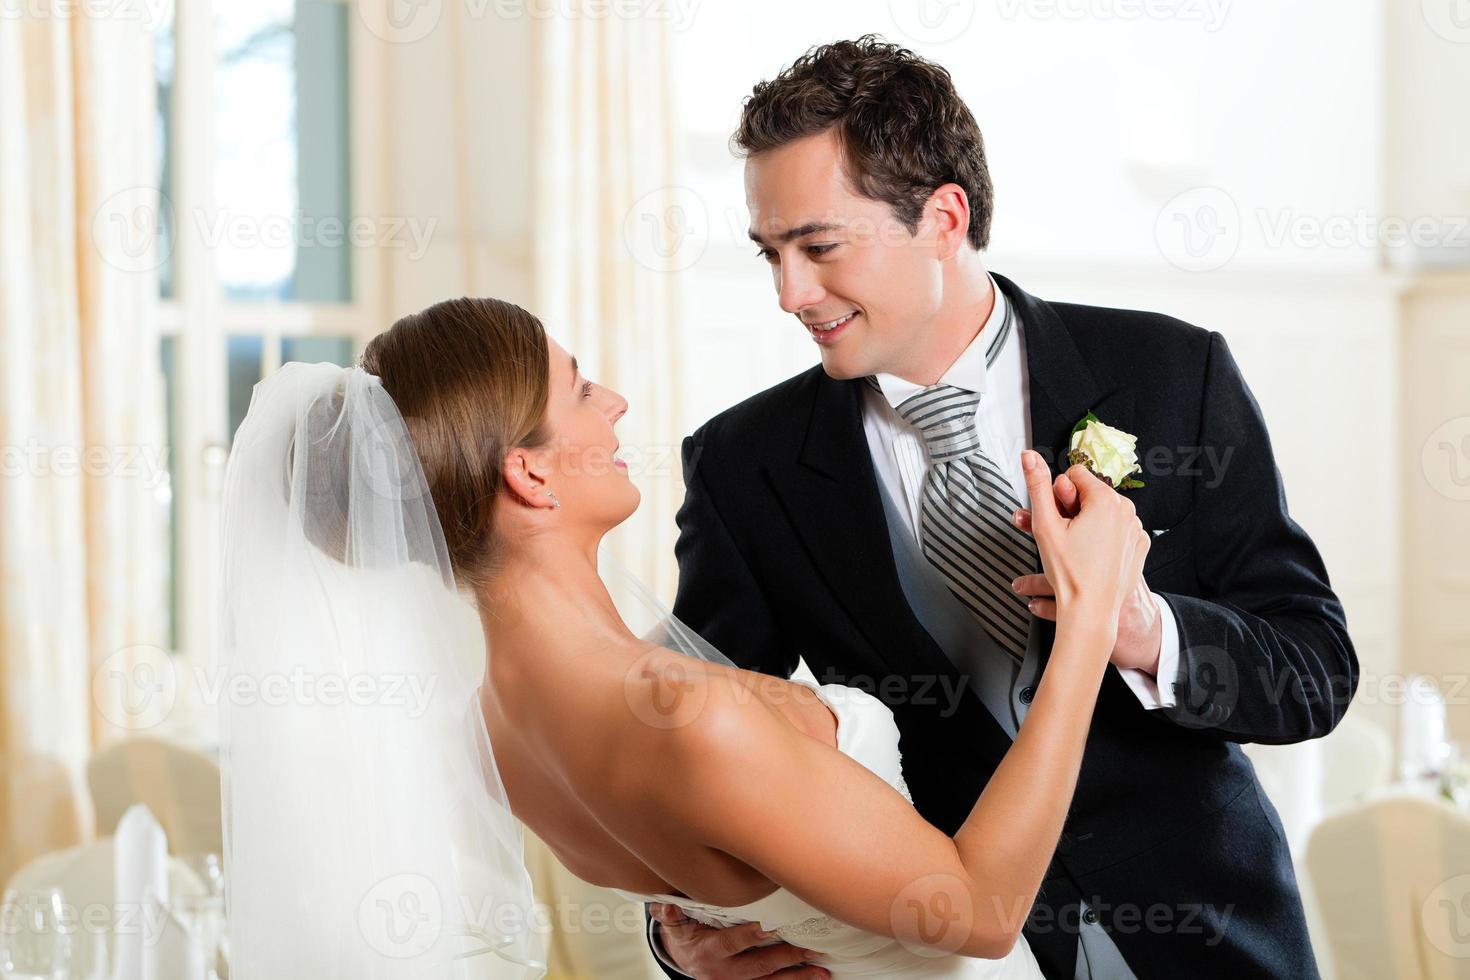 eine Braut und ein Bräutigam tanzen bei ihrer Hochzeit foto